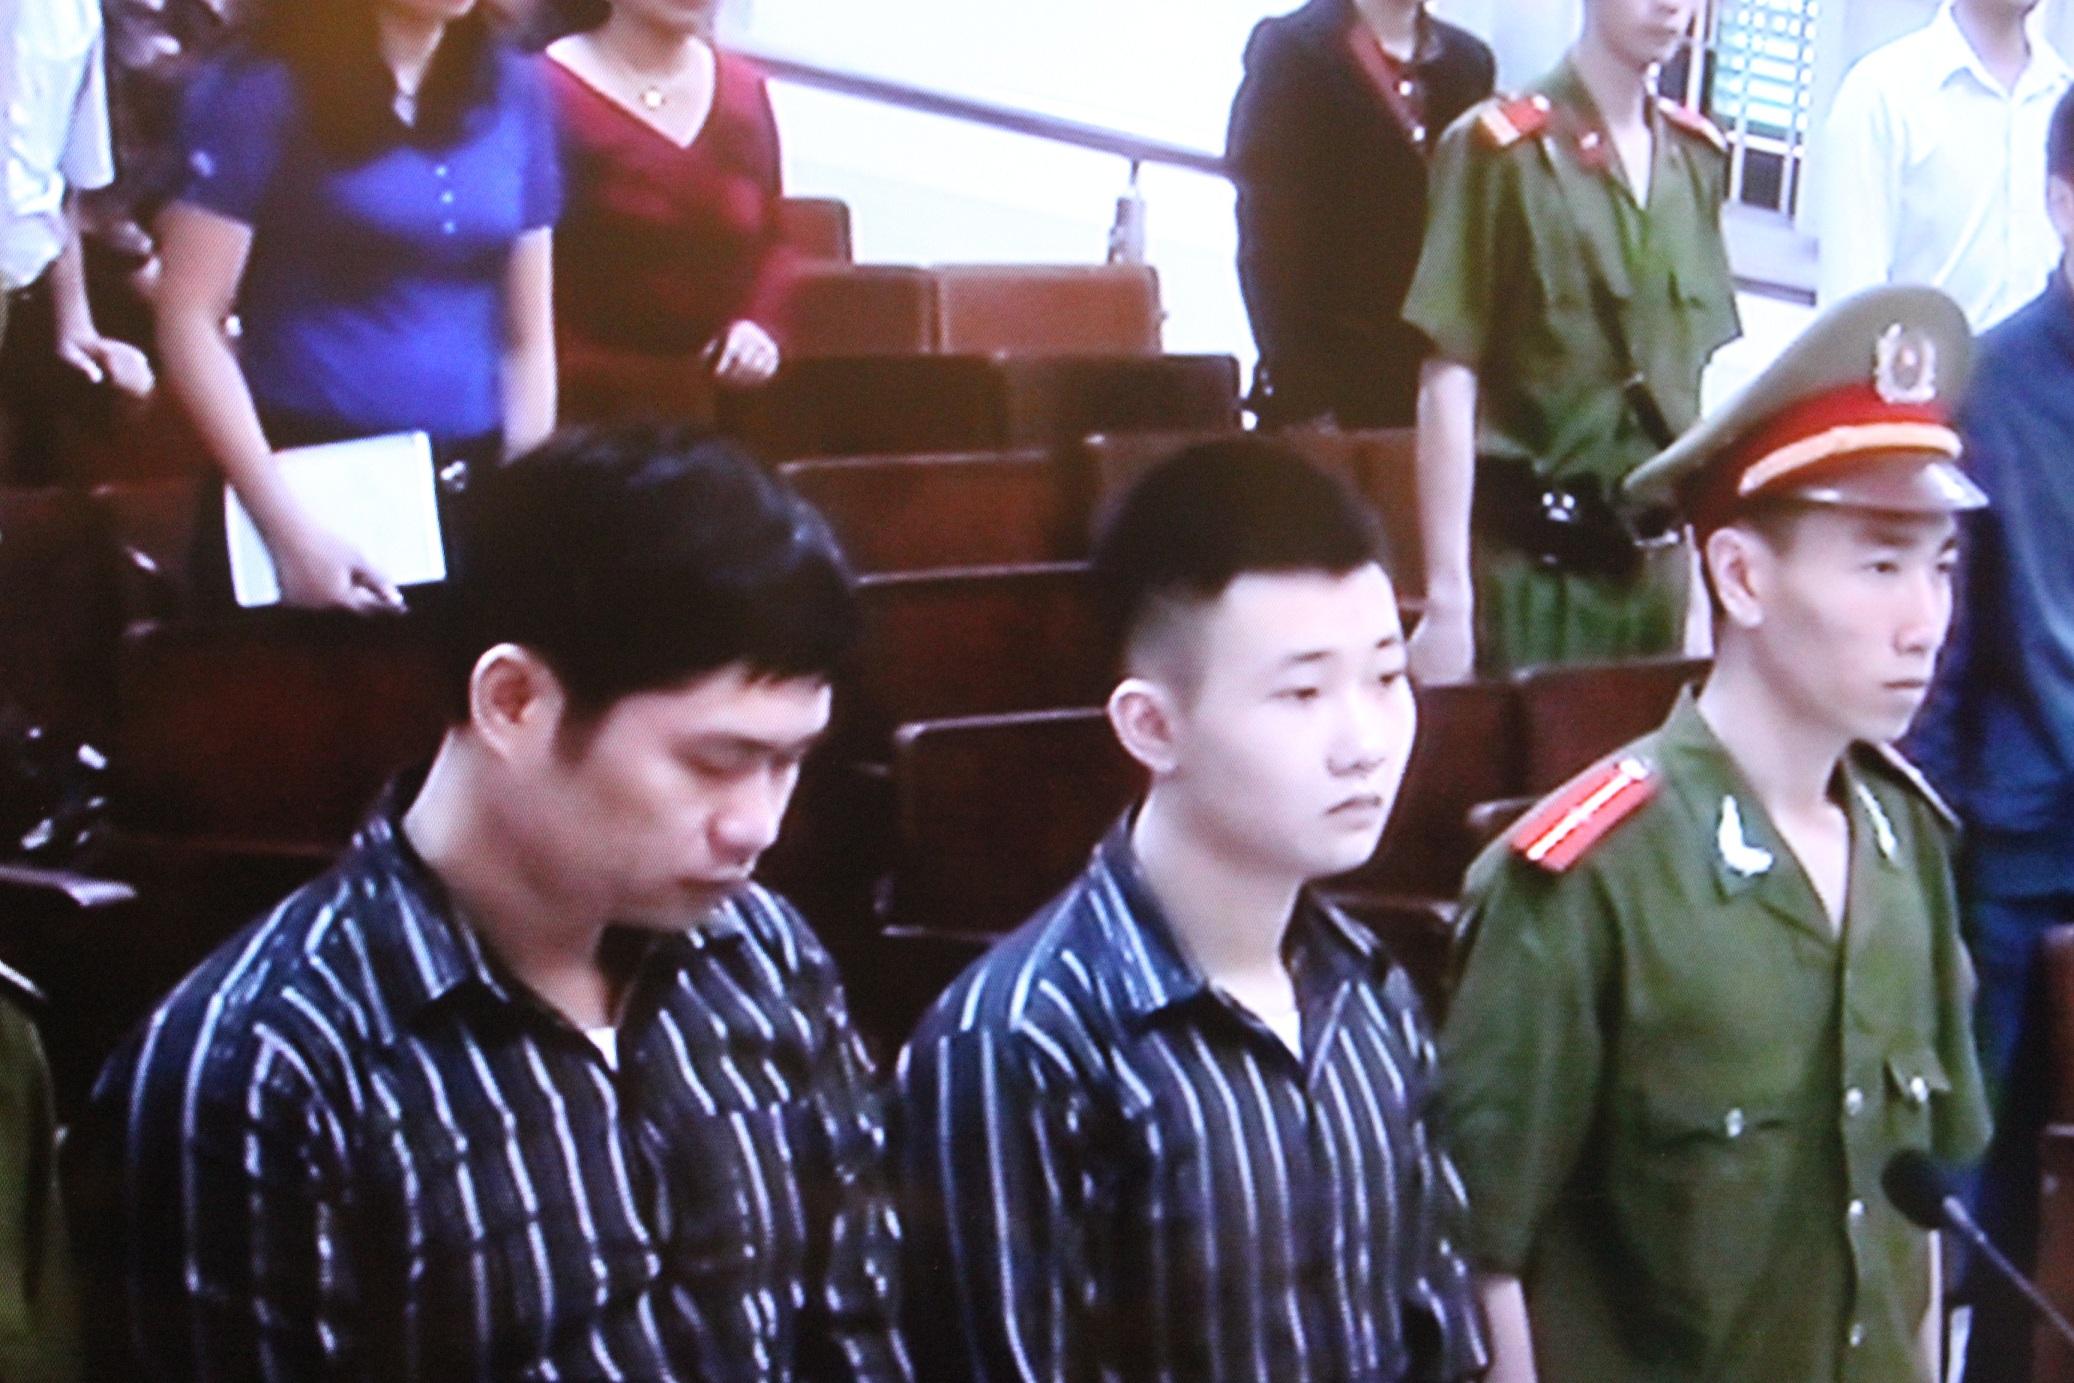 Phiên tòa xét xử vụ án thẩm mỹ viện Cát Tường ngày 14/4/2014